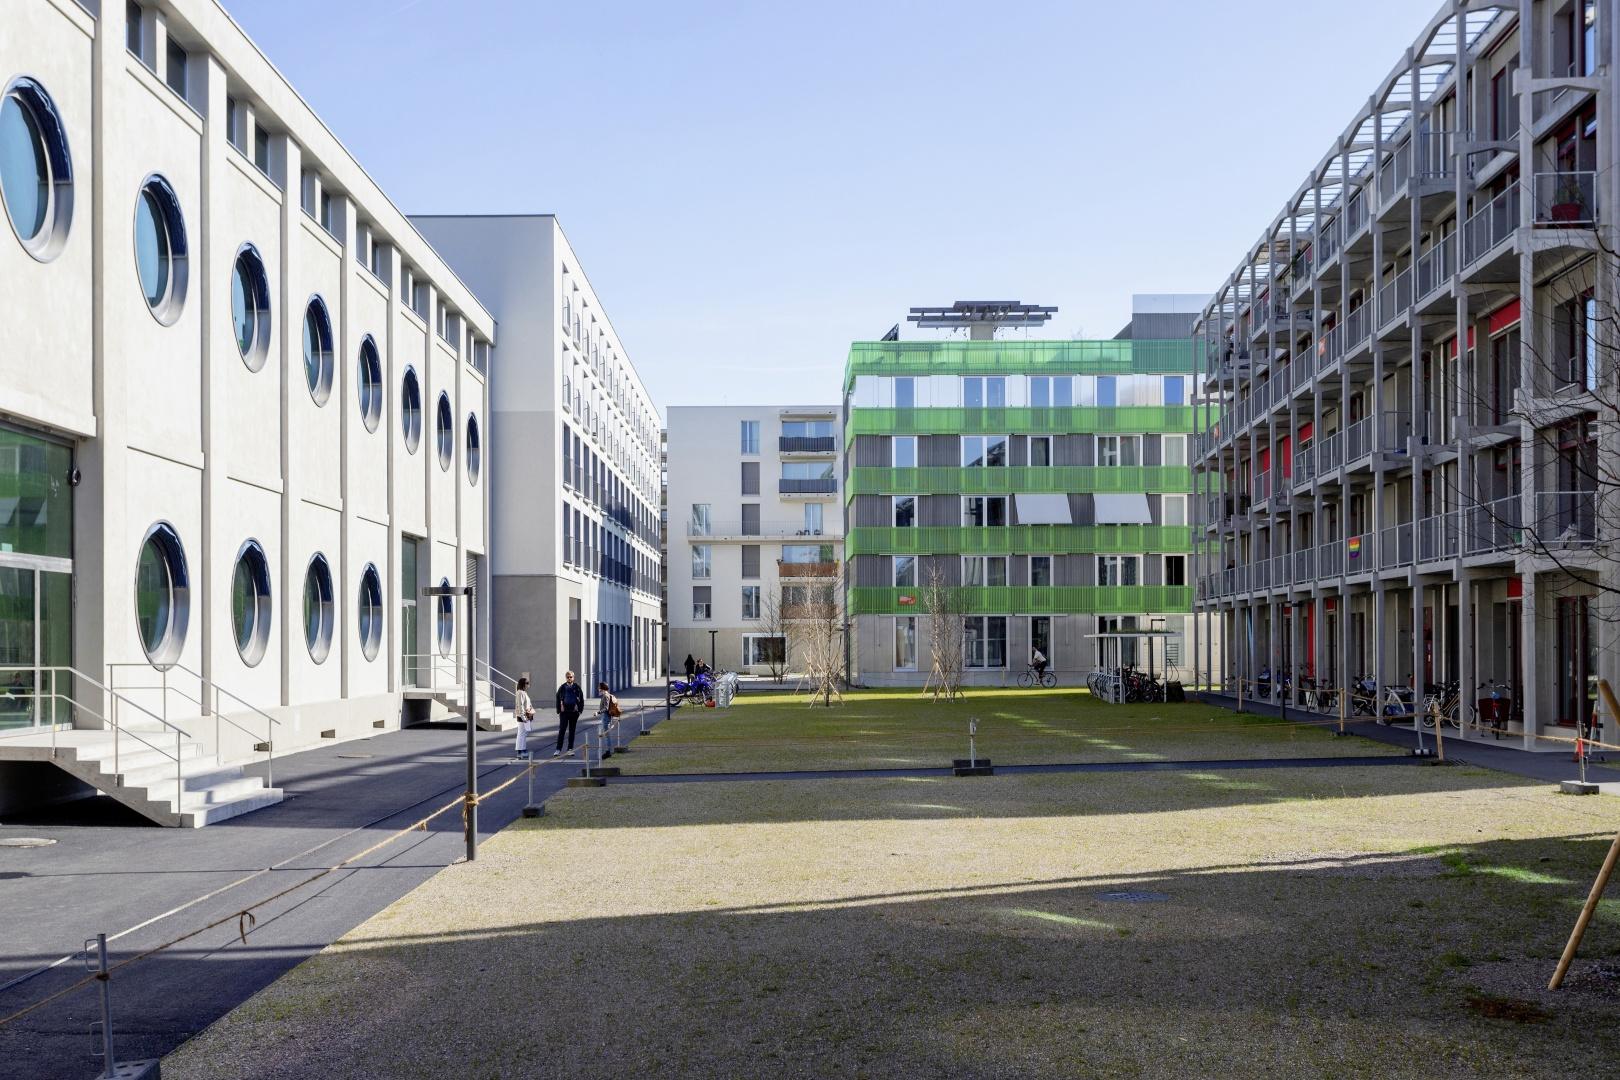 Das Silogebäude bildet mit dem anschliessenden Studentenwohnhaus  von Duplex Architekten einen akustischen Abschluss zur lauten Seite des Areals. © Lukas Schwabenbauer